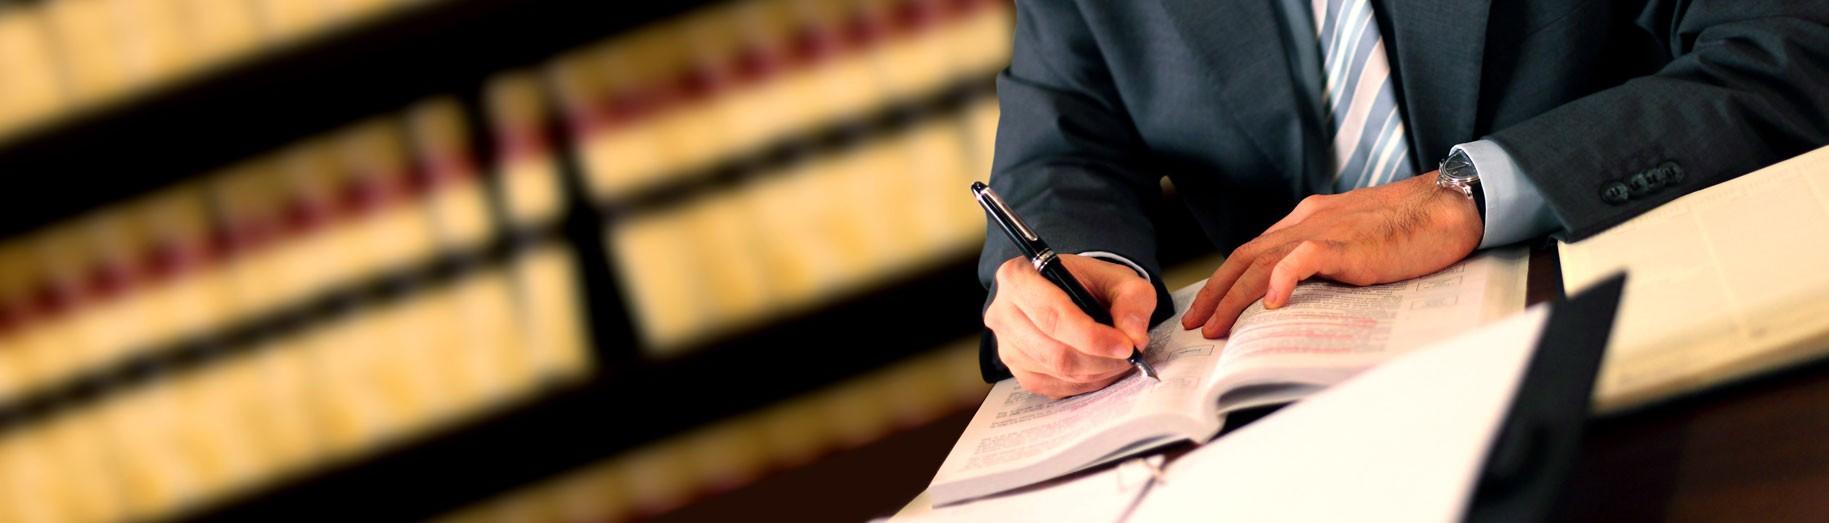 Asistencia gratuita de los Servicios Jurídicos de La Falange